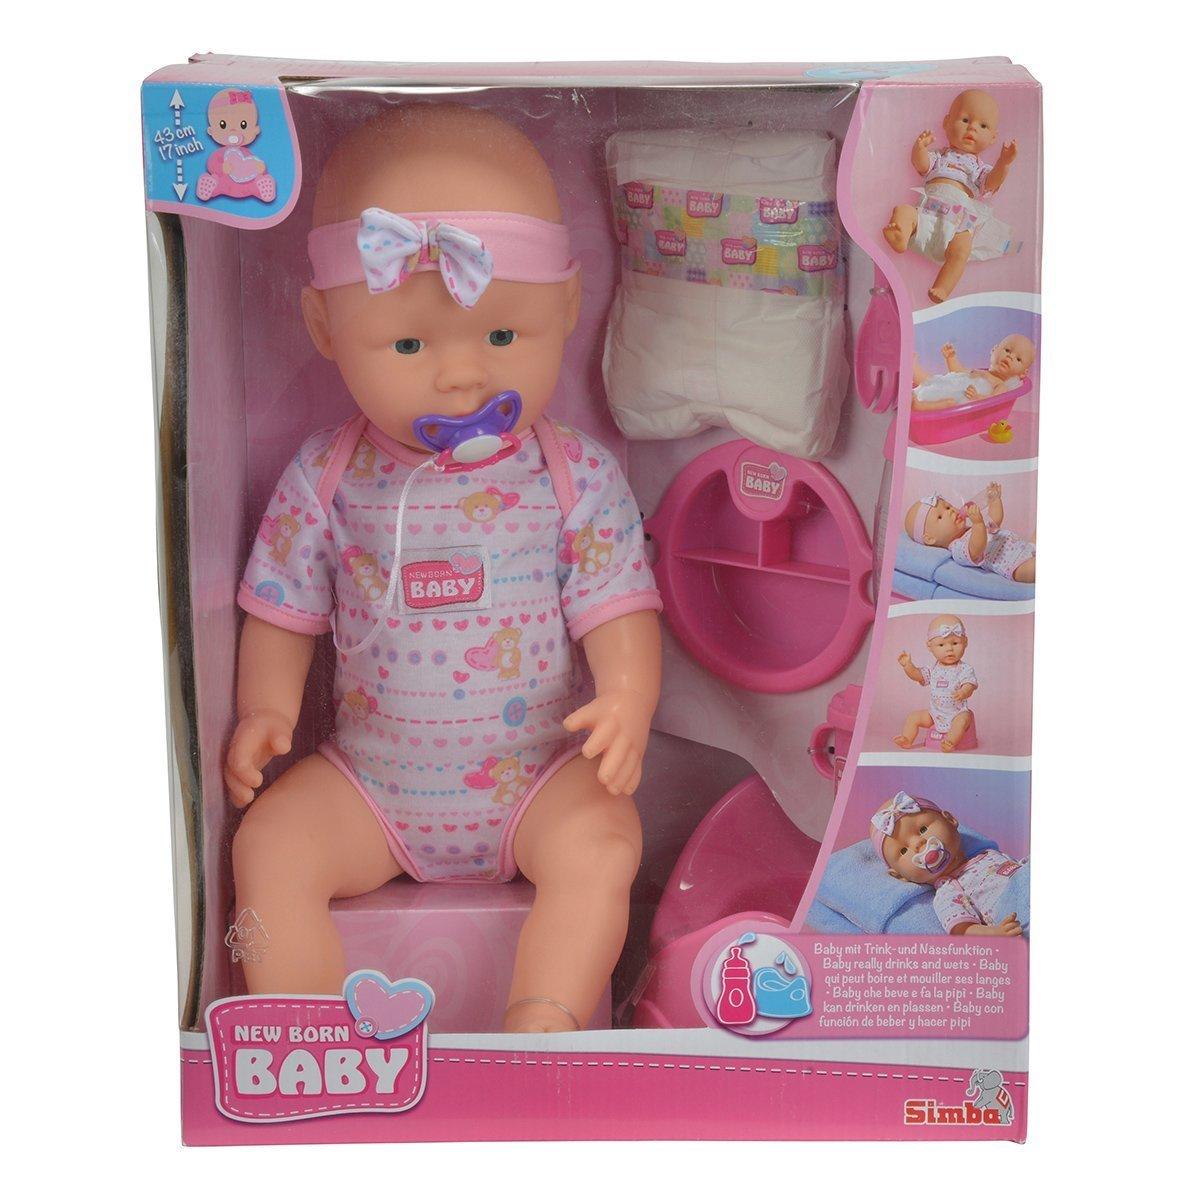 Купить Пупсы и наборы, Набор с пупсом Simba New Born Baby, 43 см 5039005 ТМ: New Born Baby